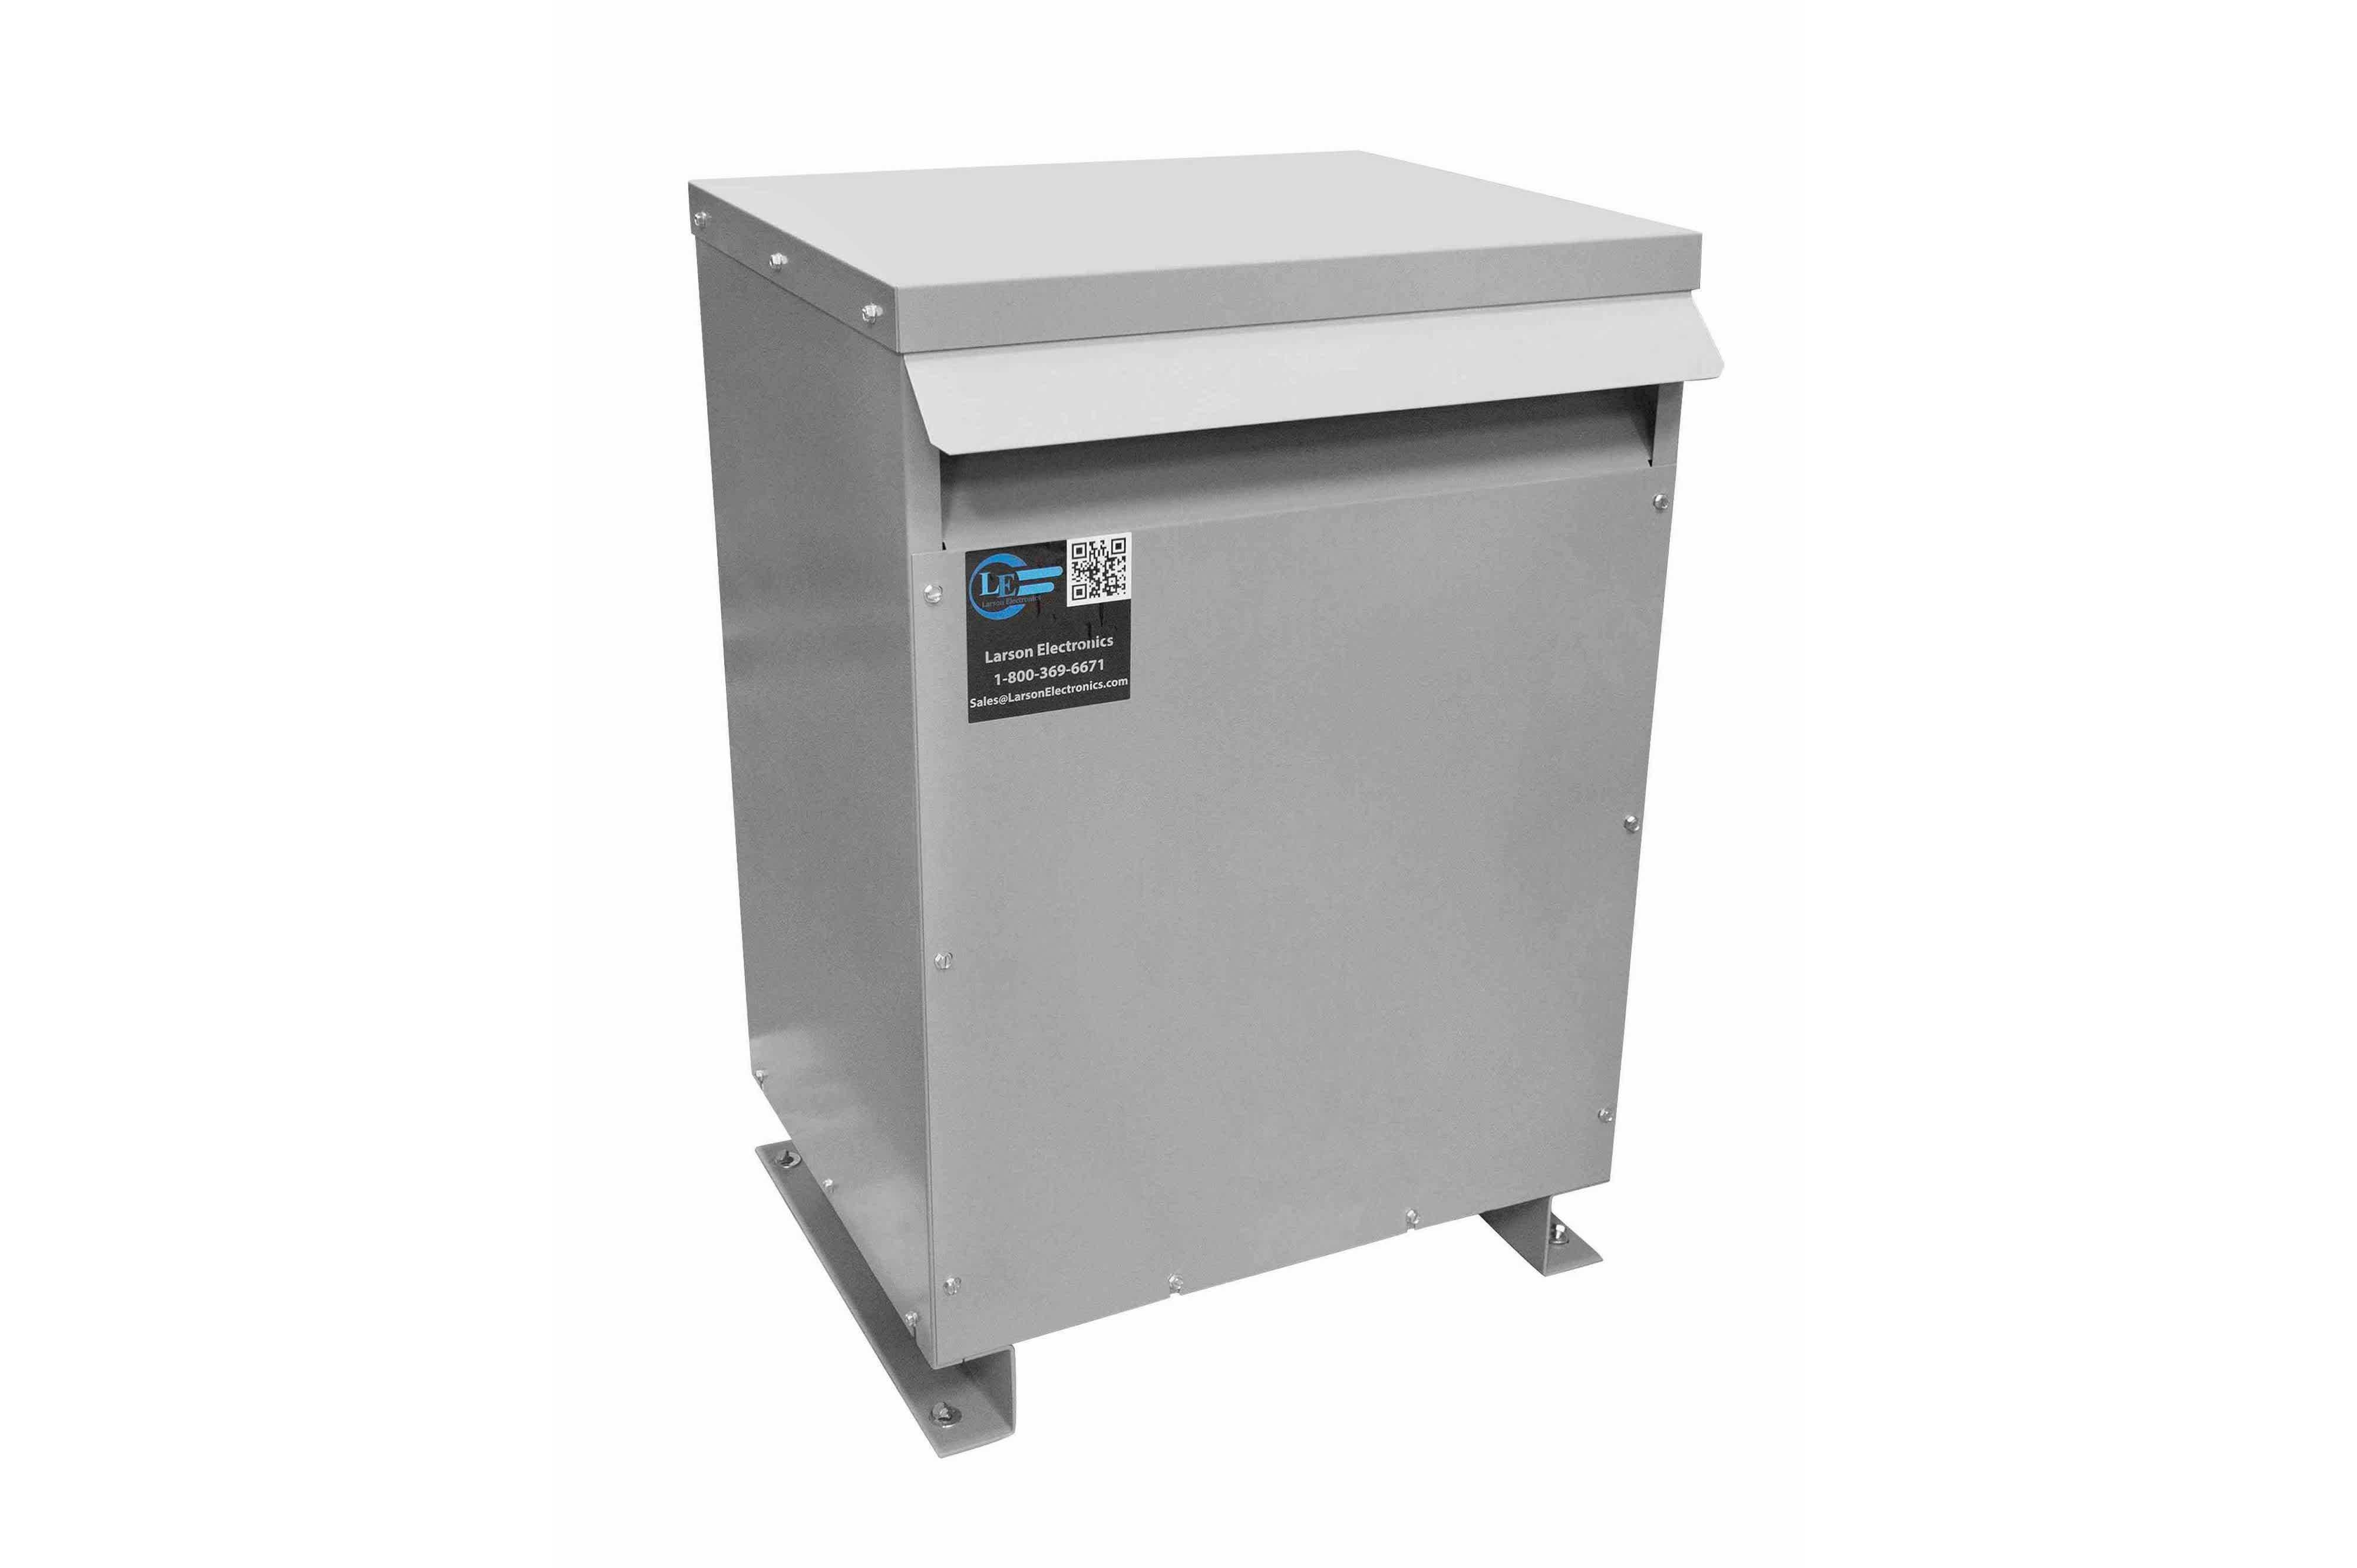 22.5 kVA 3PH Isolation Transformer, 208V Delta Primary, 400V Delta Secondary, N3R, Ventilated, 60 Hz